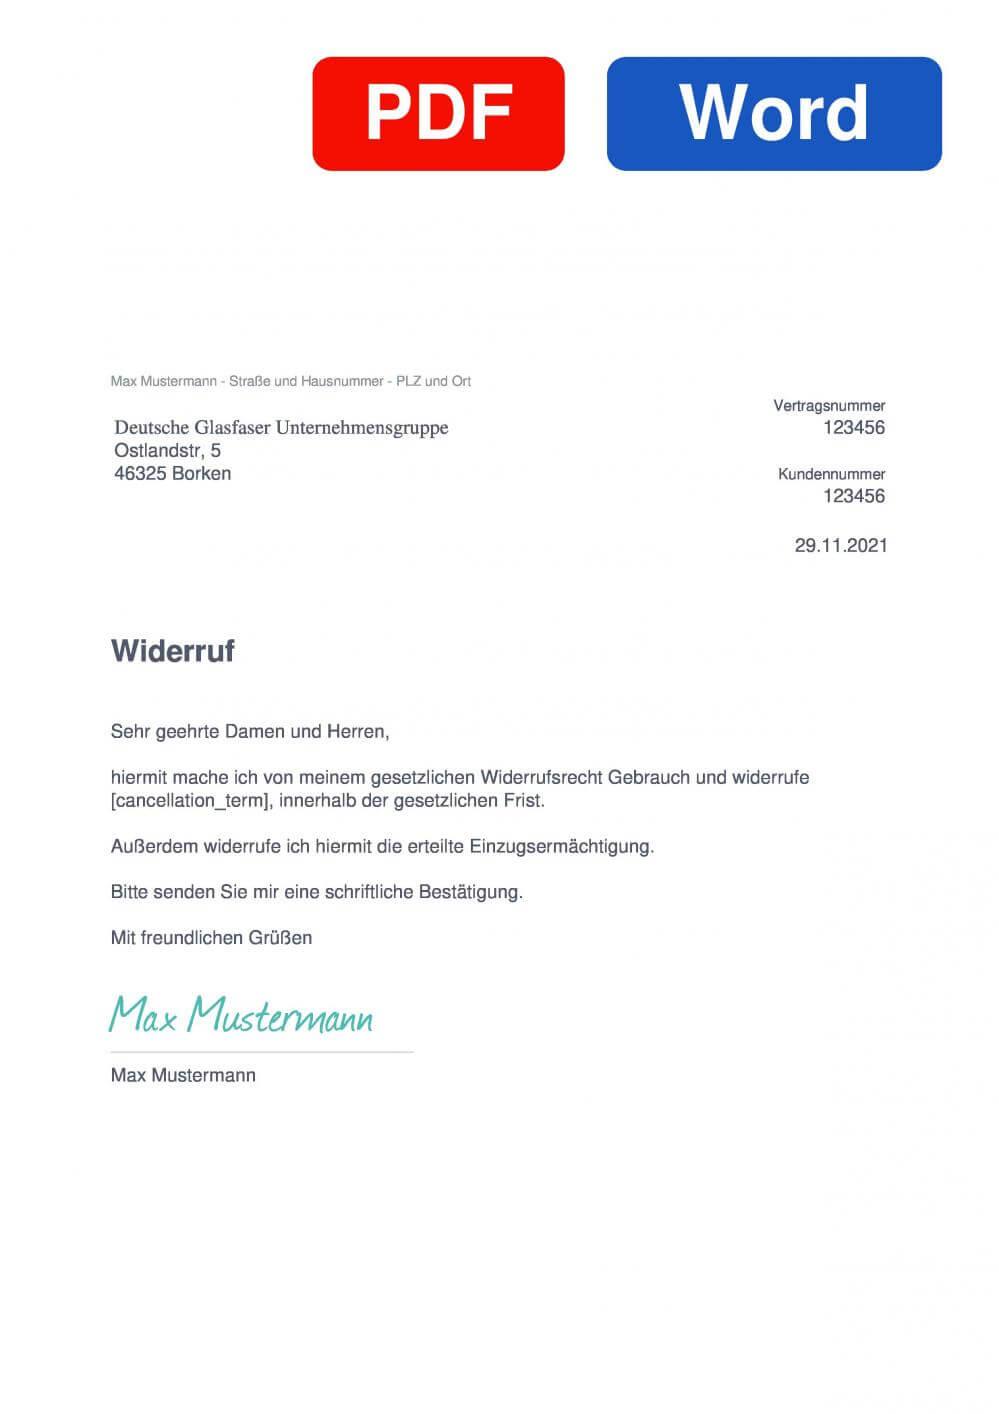 Deutsche Glasfaser Muster Vorlage für Wiederrufsschreiben